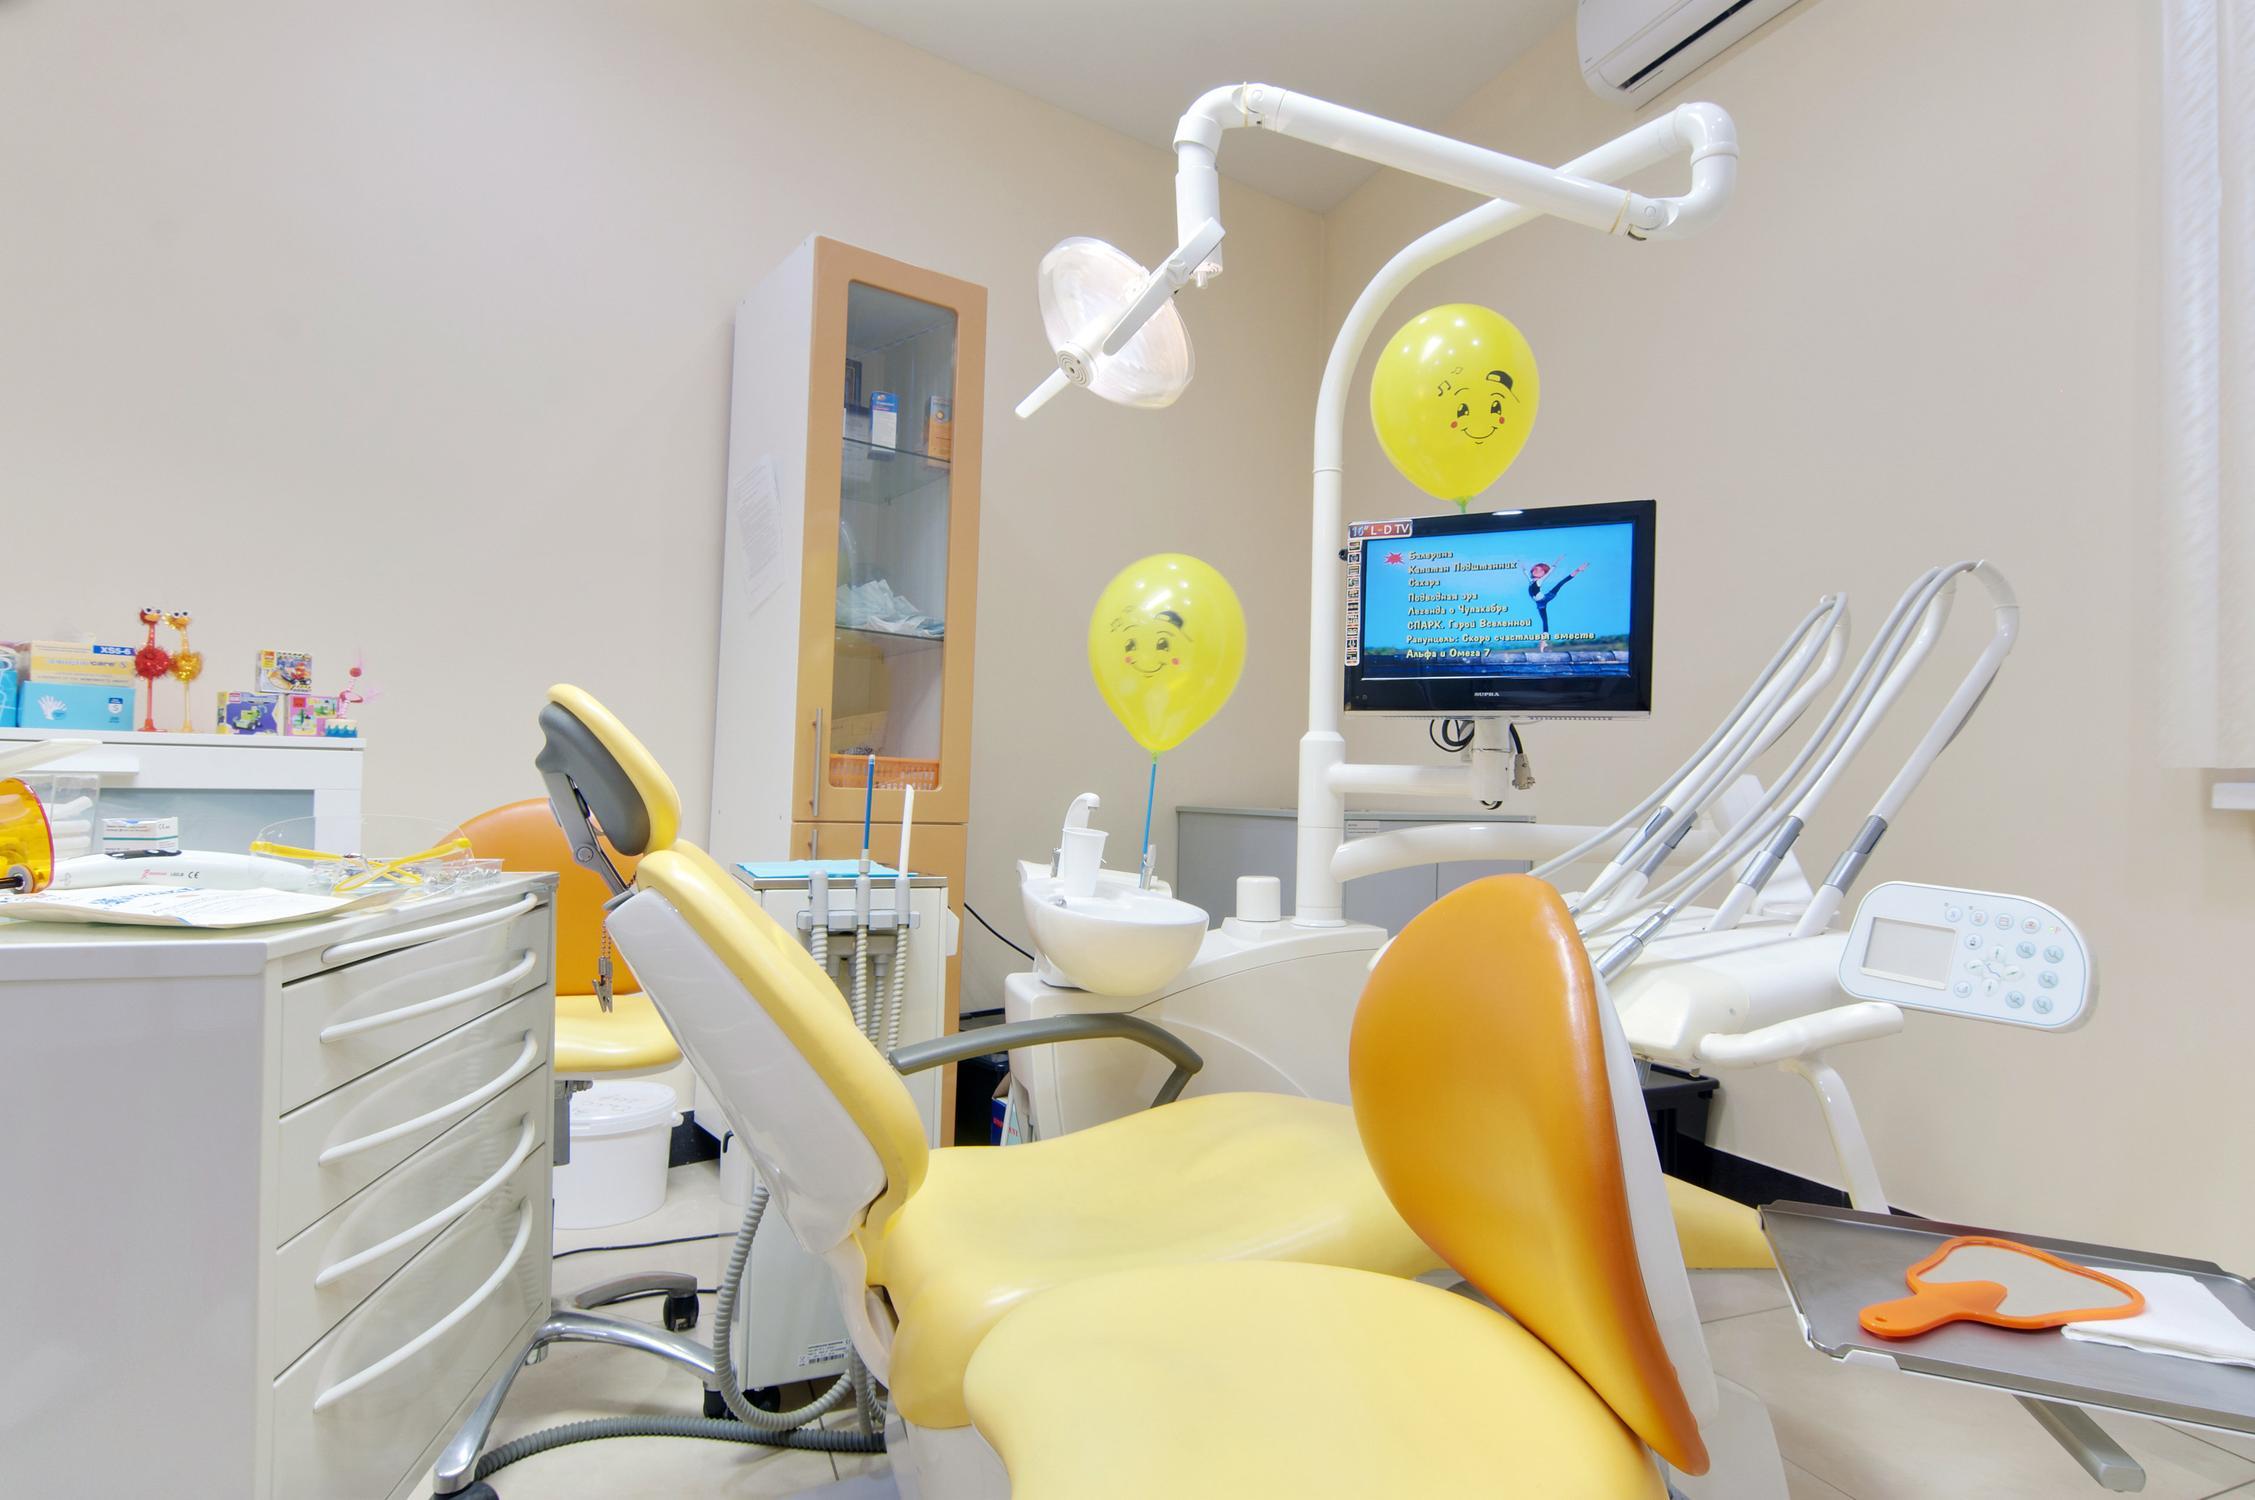 фотография Лечебно-диагностического центра ХэлсМед